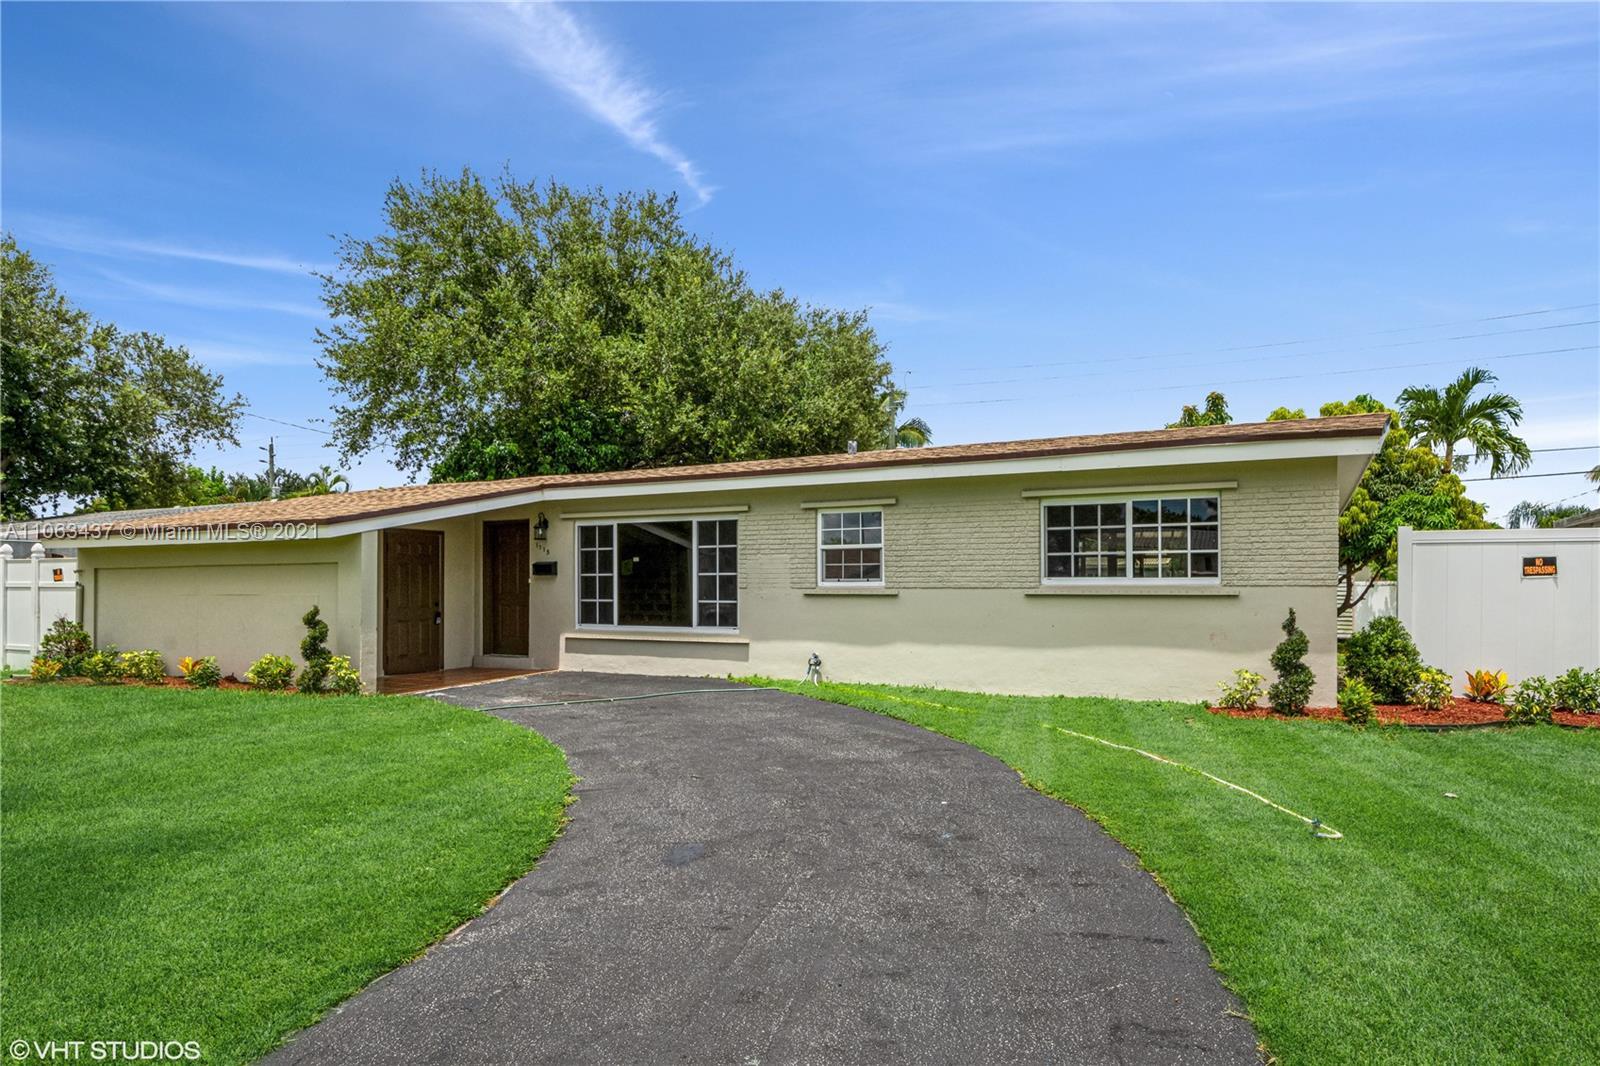 Hollywood Hills - 1715 N 46th Ave, Hollywood, FL 33021